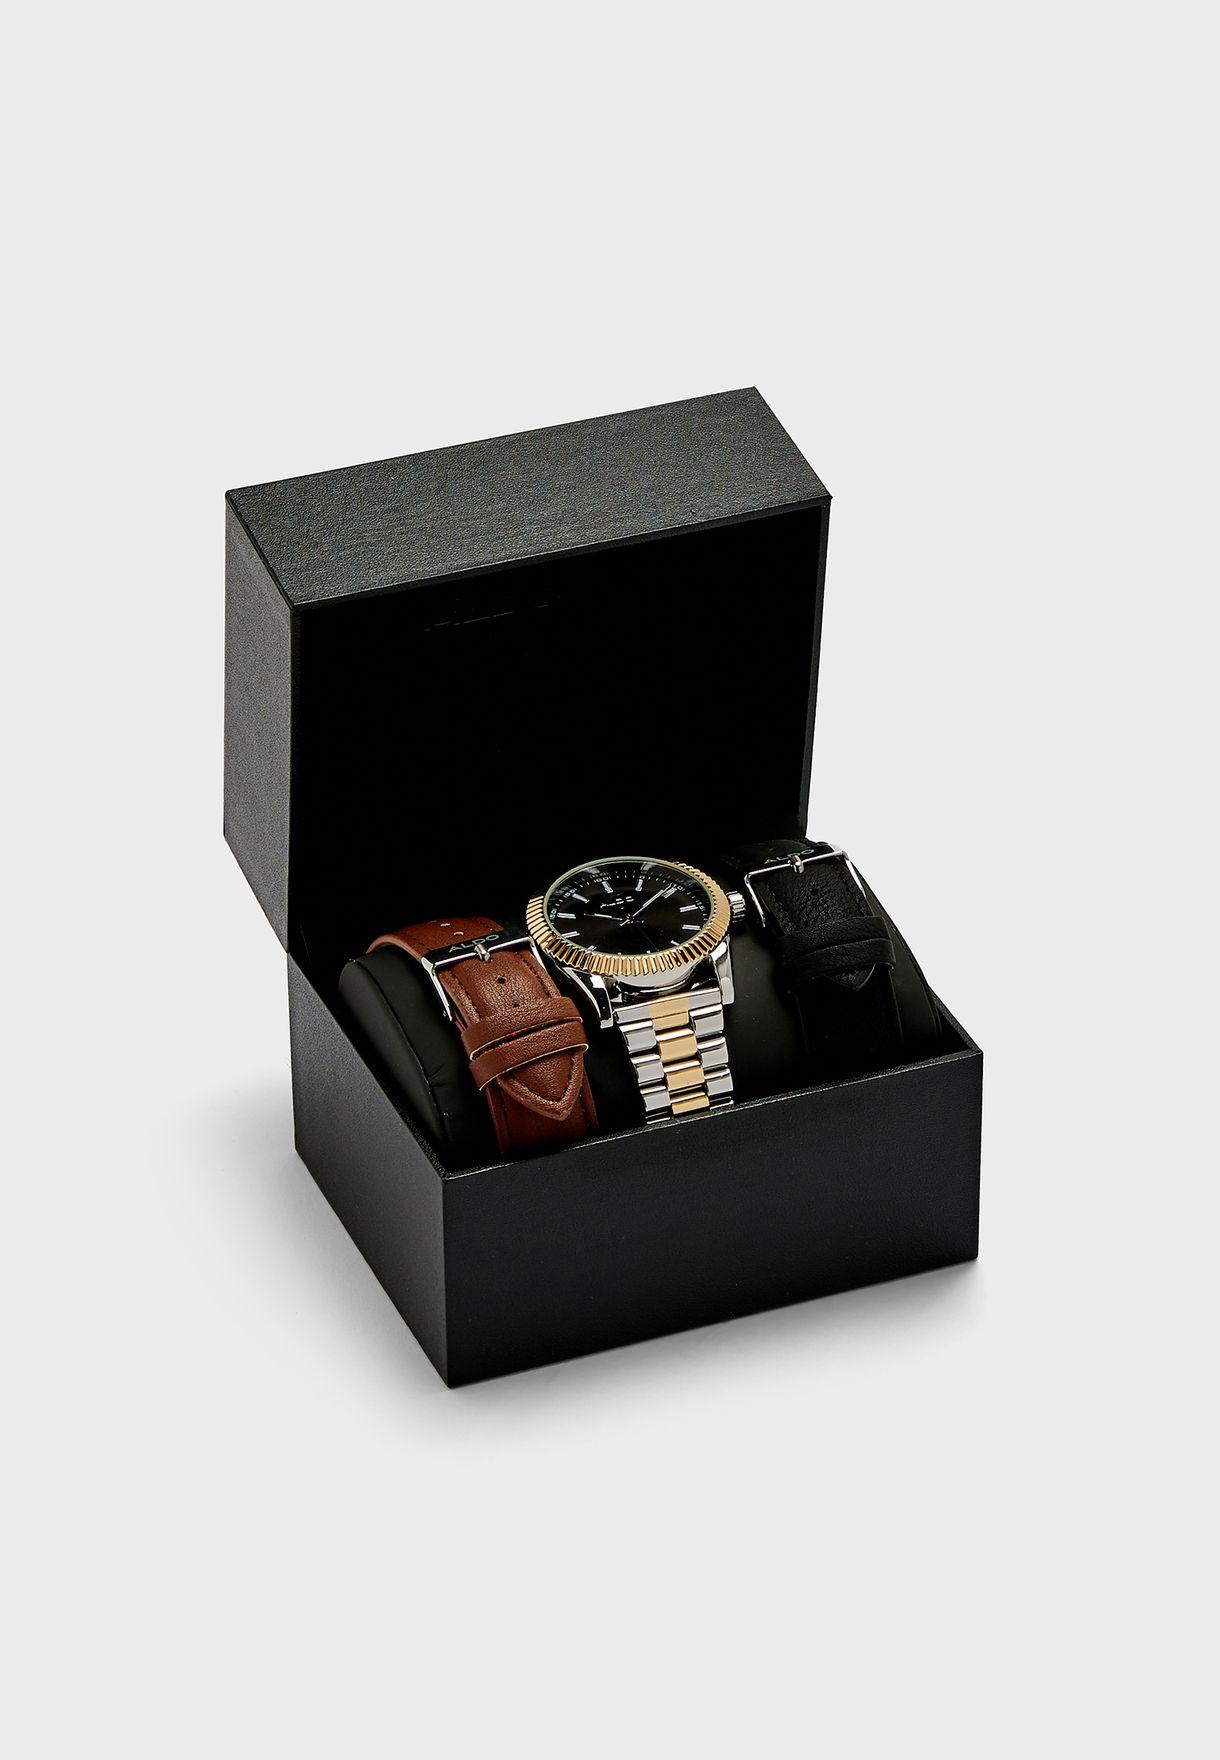 مجموعة من ساعة + 3 احزمة قابلة للتبديل